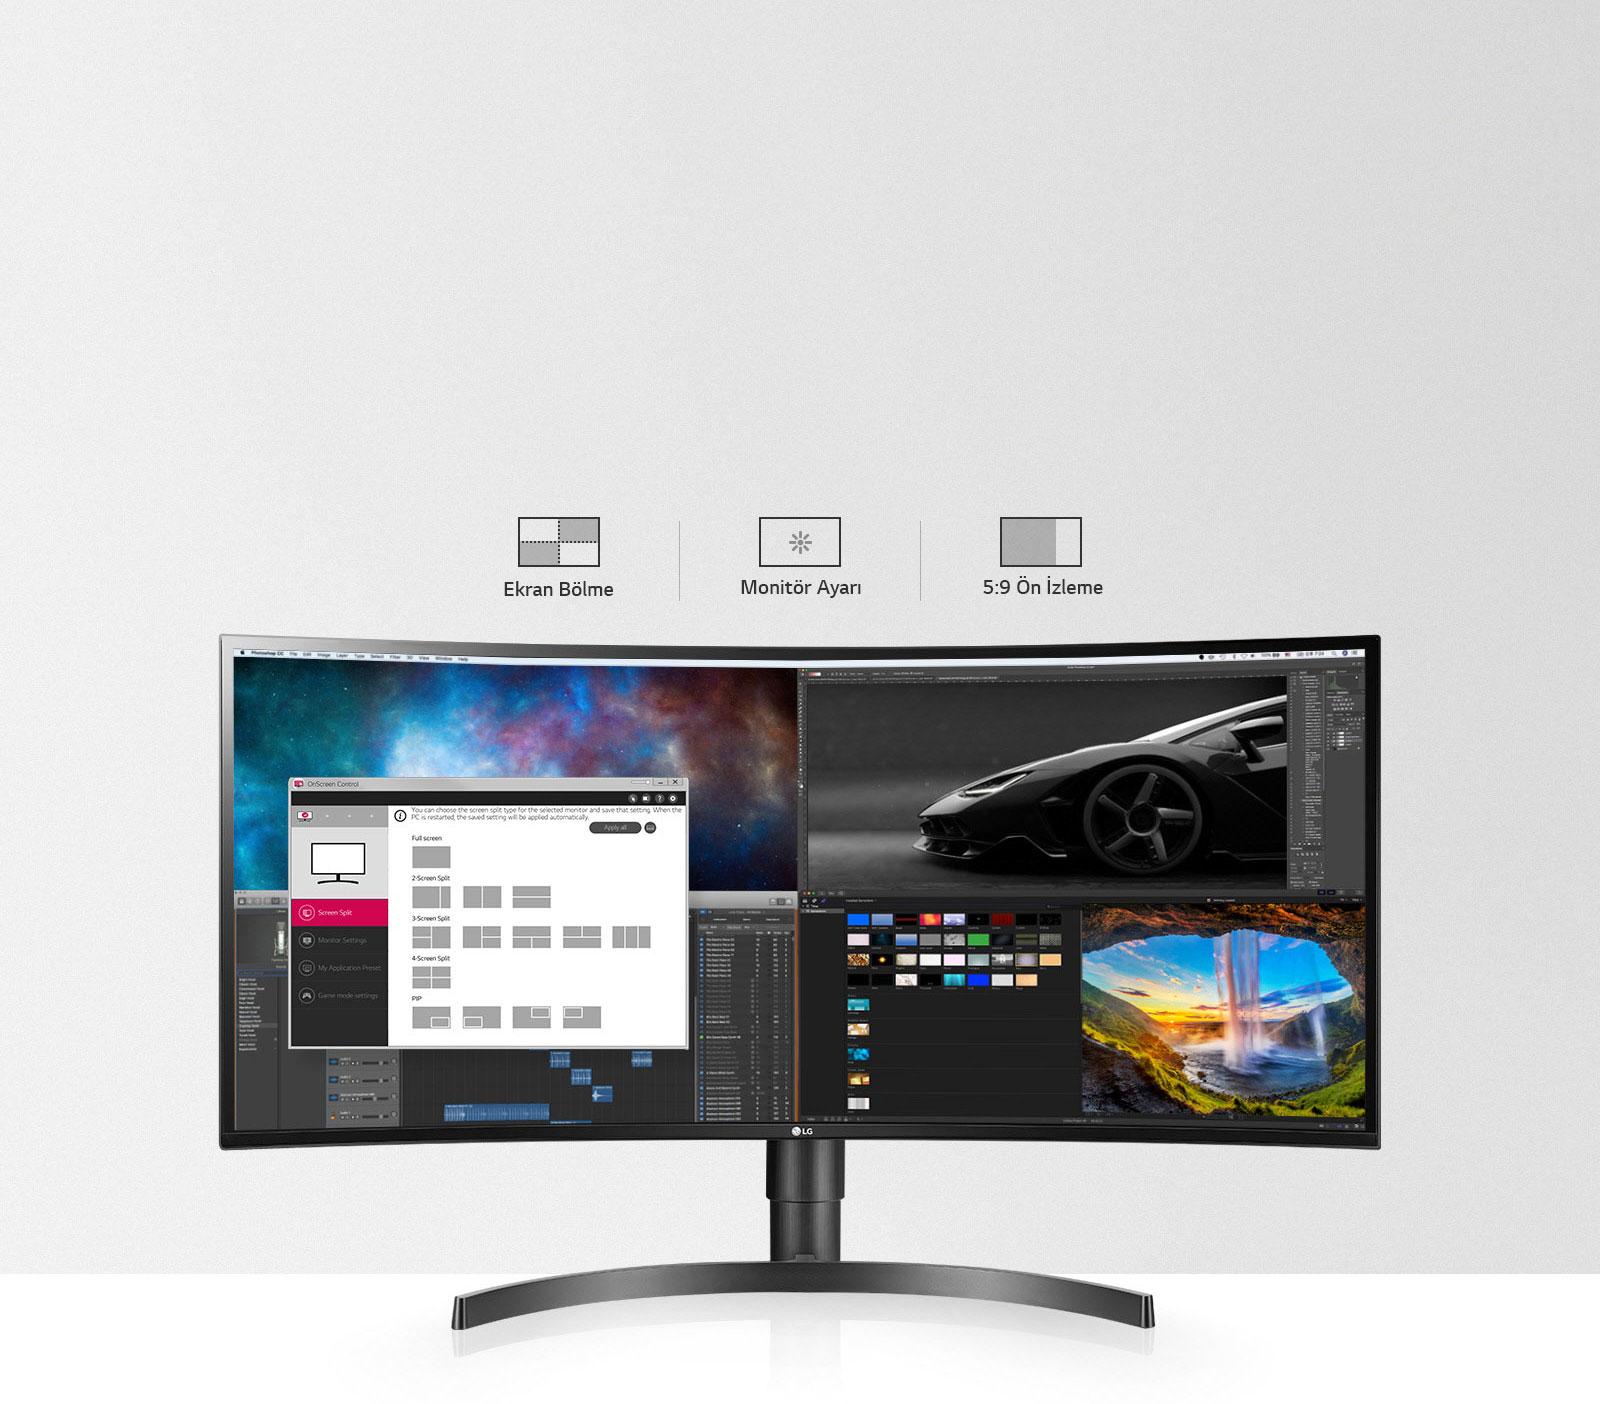 MNT-34WL85C-05-1-OnScreen-Control-Desktop_t2